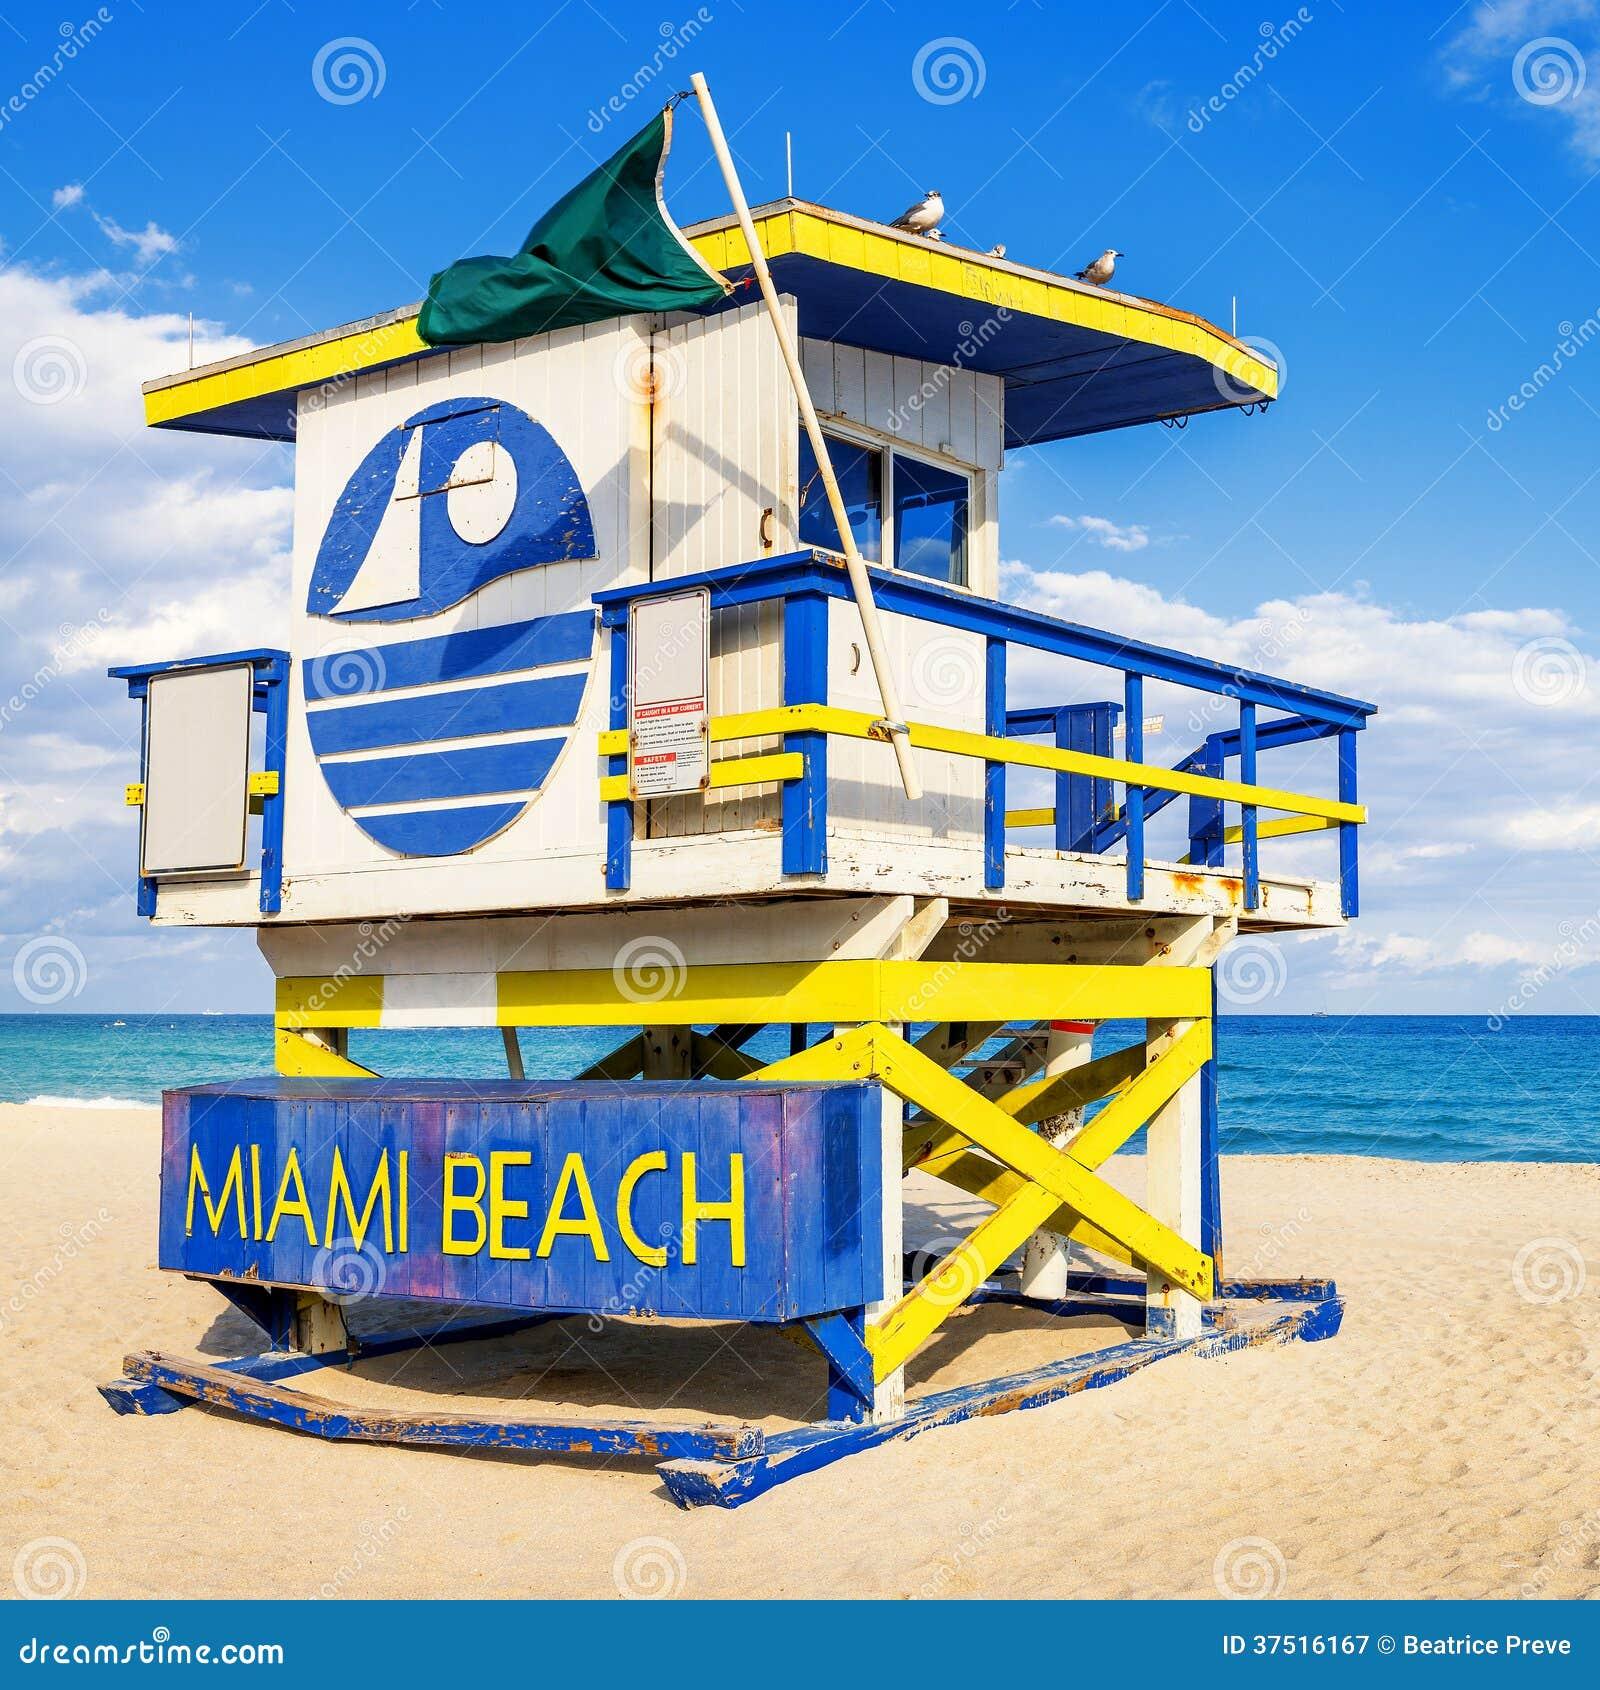 Tower House Miami Beach: Lifeguard Tower, Miami Beach, Florida Royalty Free Stock